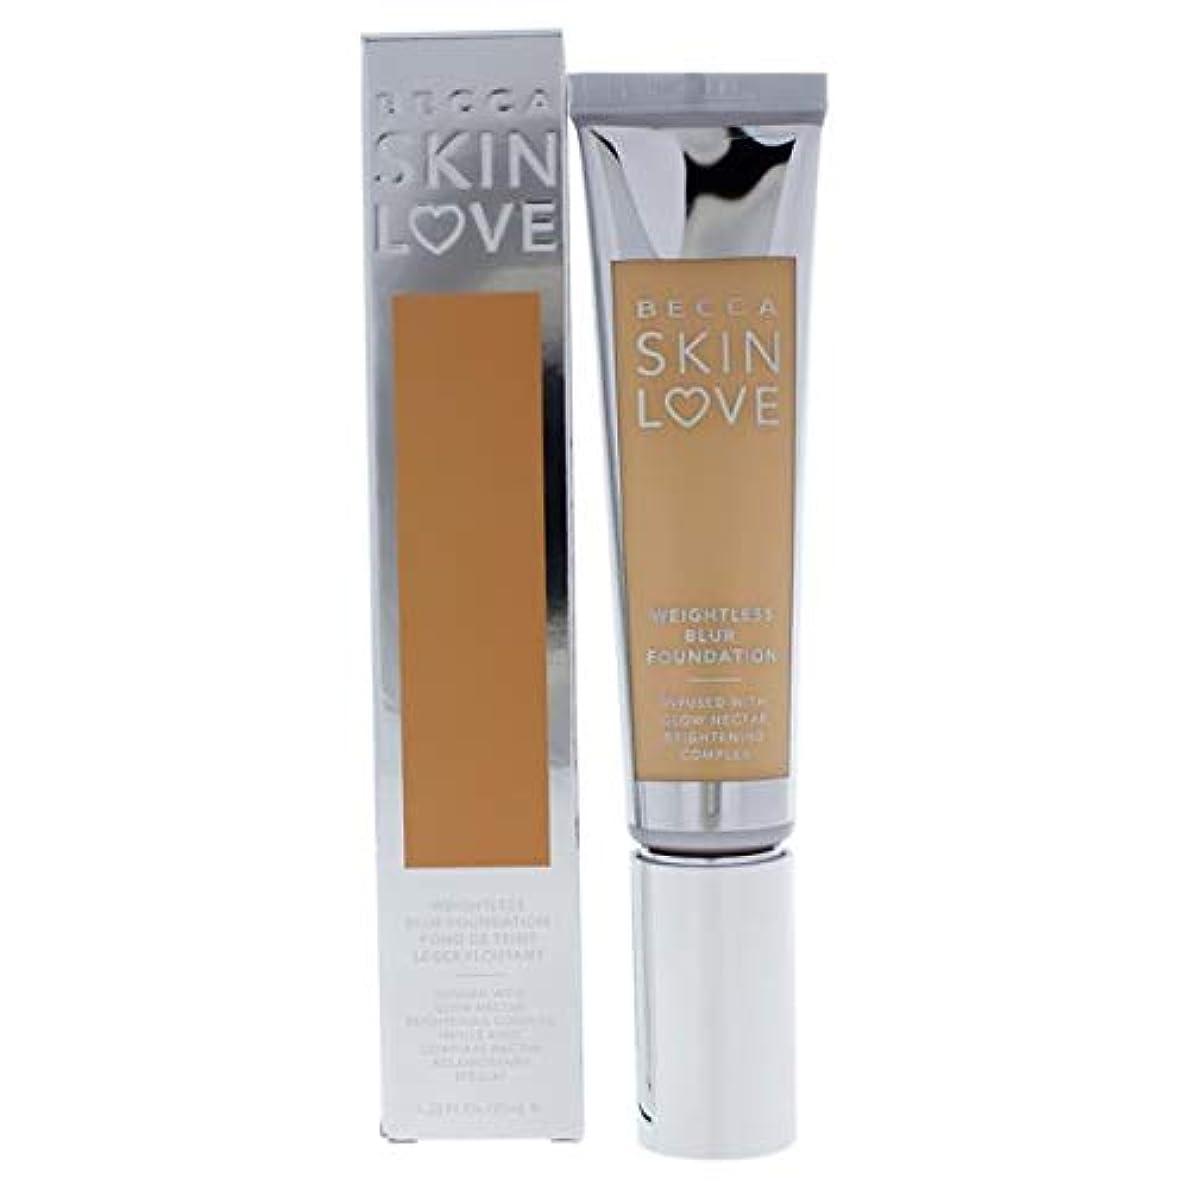 キロメートル反論服を洗うベッカ Skin Love Weightless Blur Foundation - # Vanilla 35ml/1.23oz並行輸入品